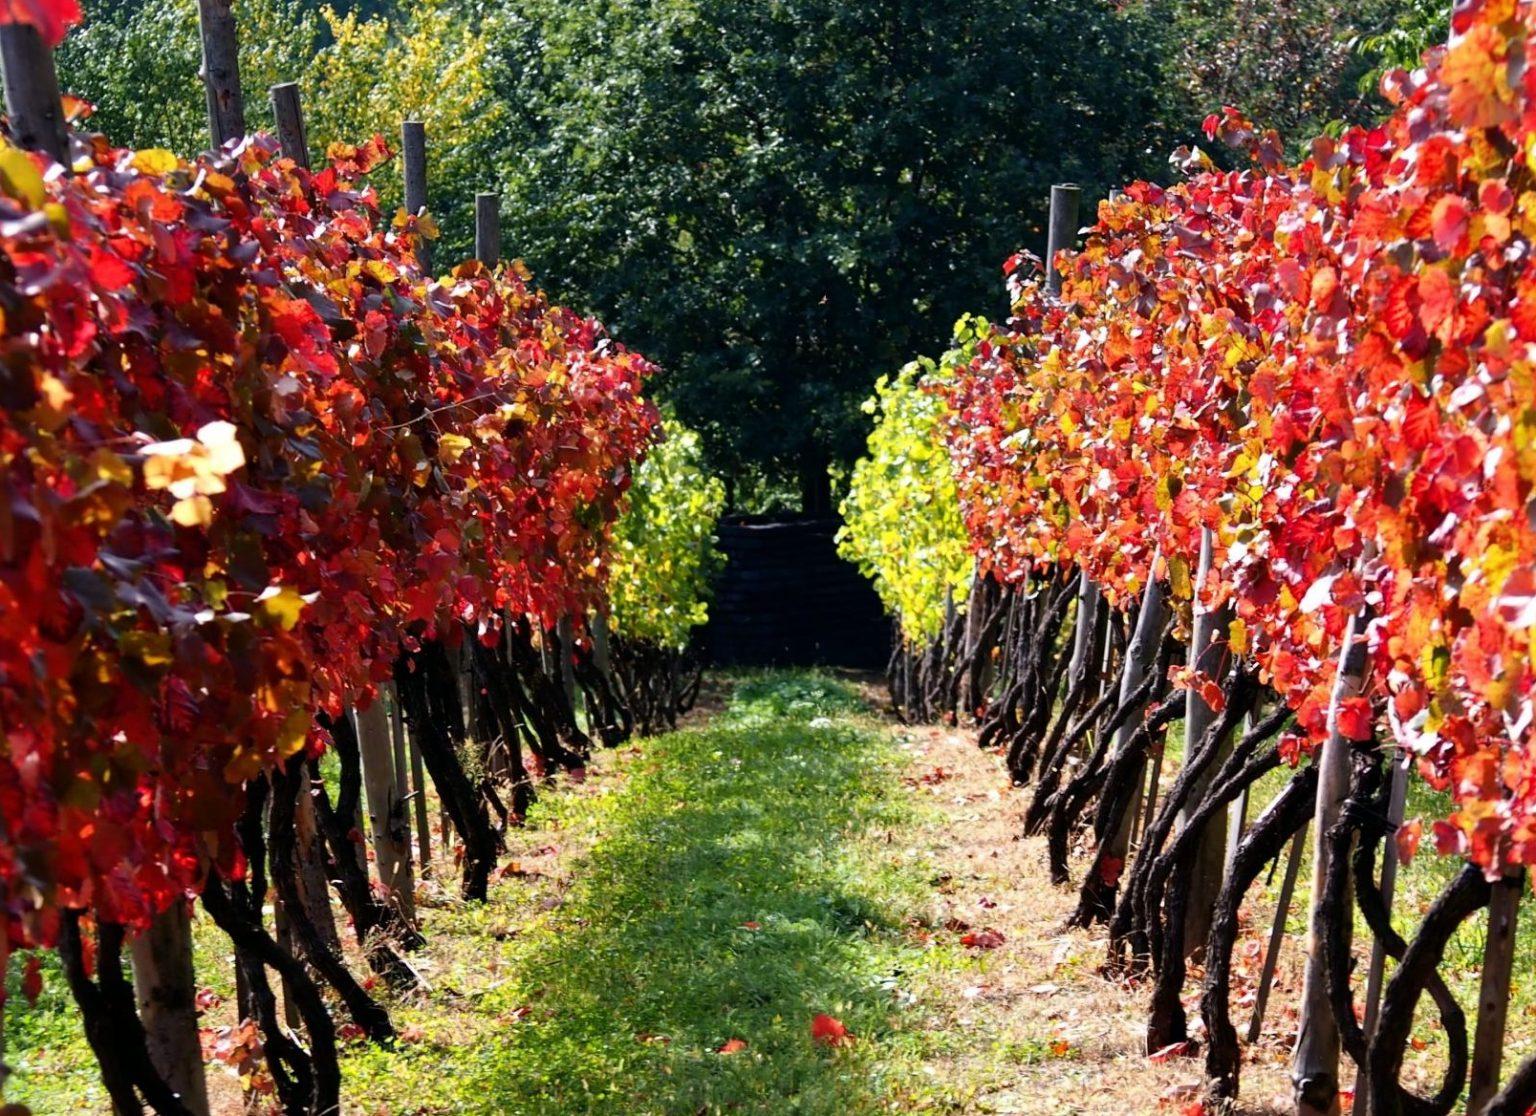 Krzewy winorośli, winnica Świdnicka